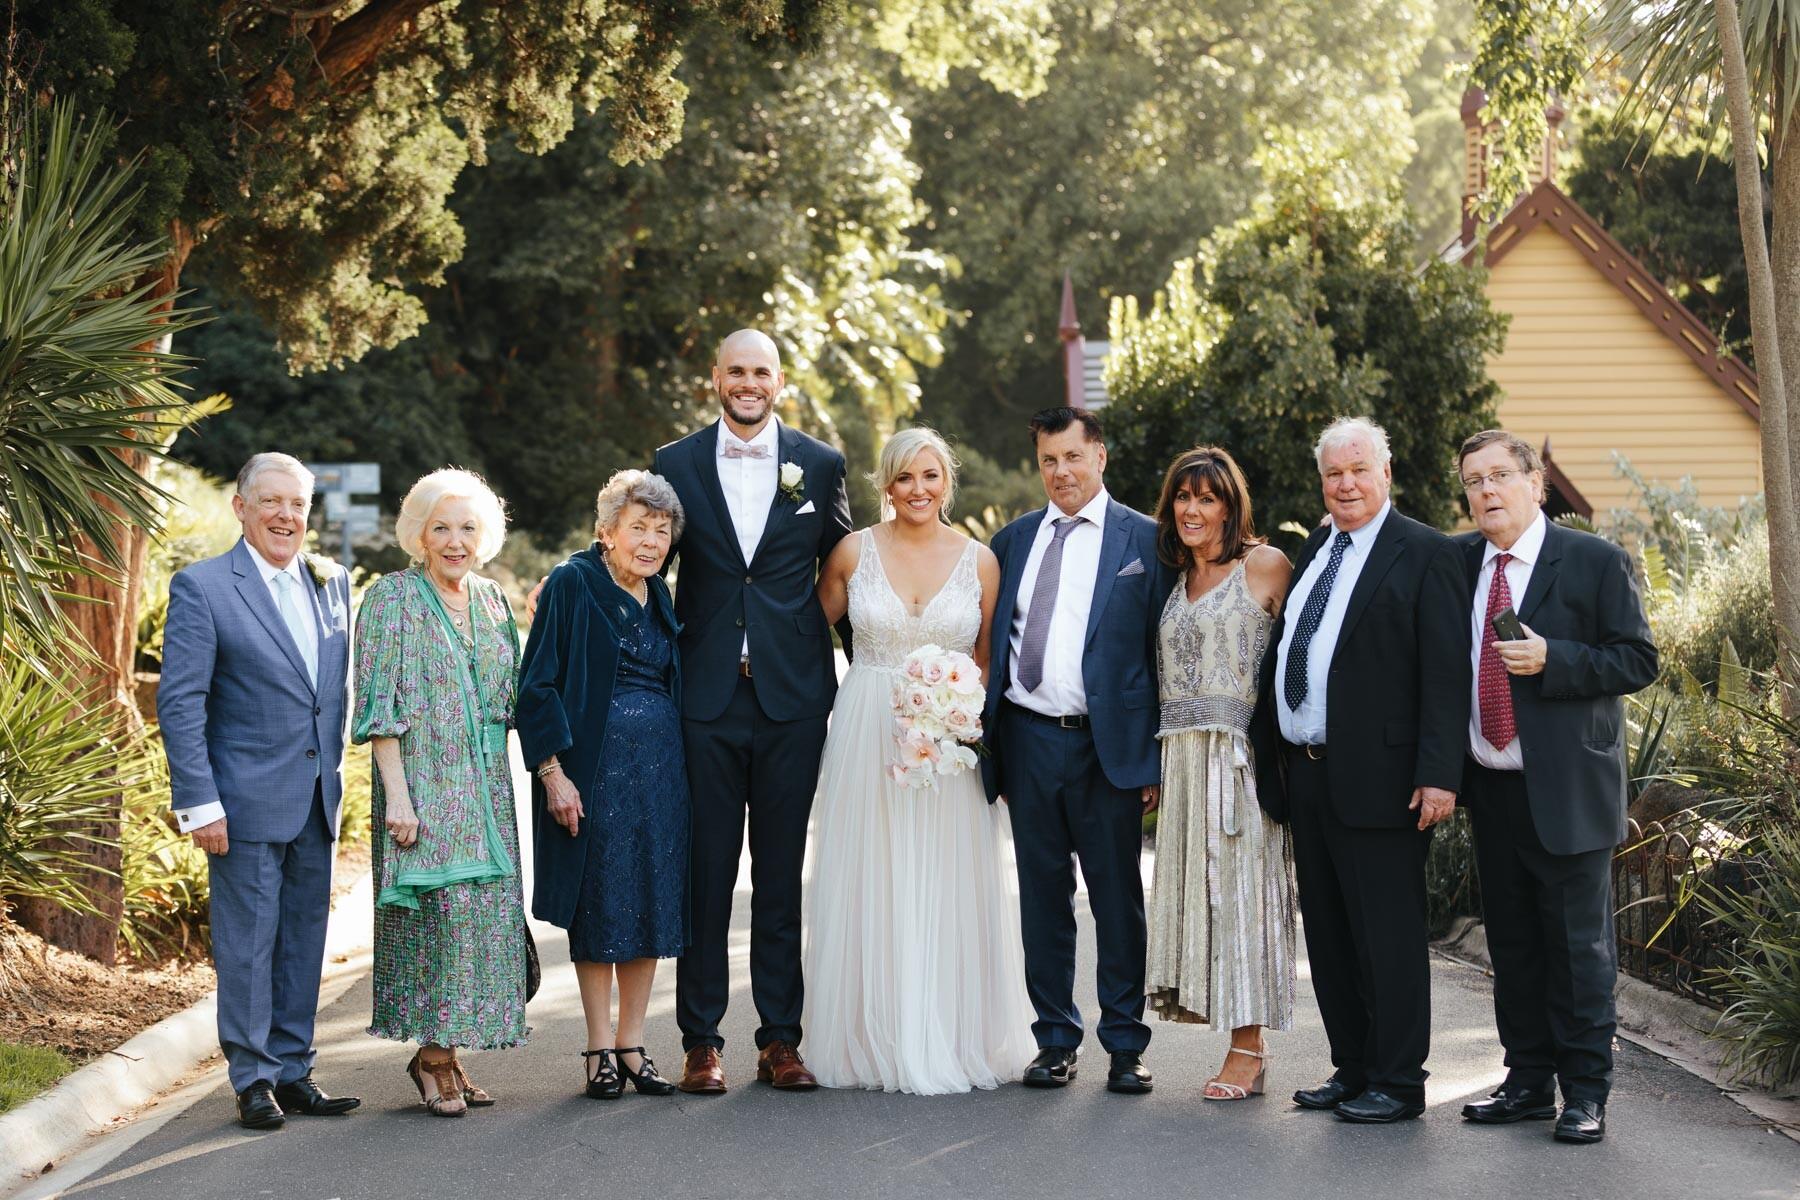 How to take good wedding photos?